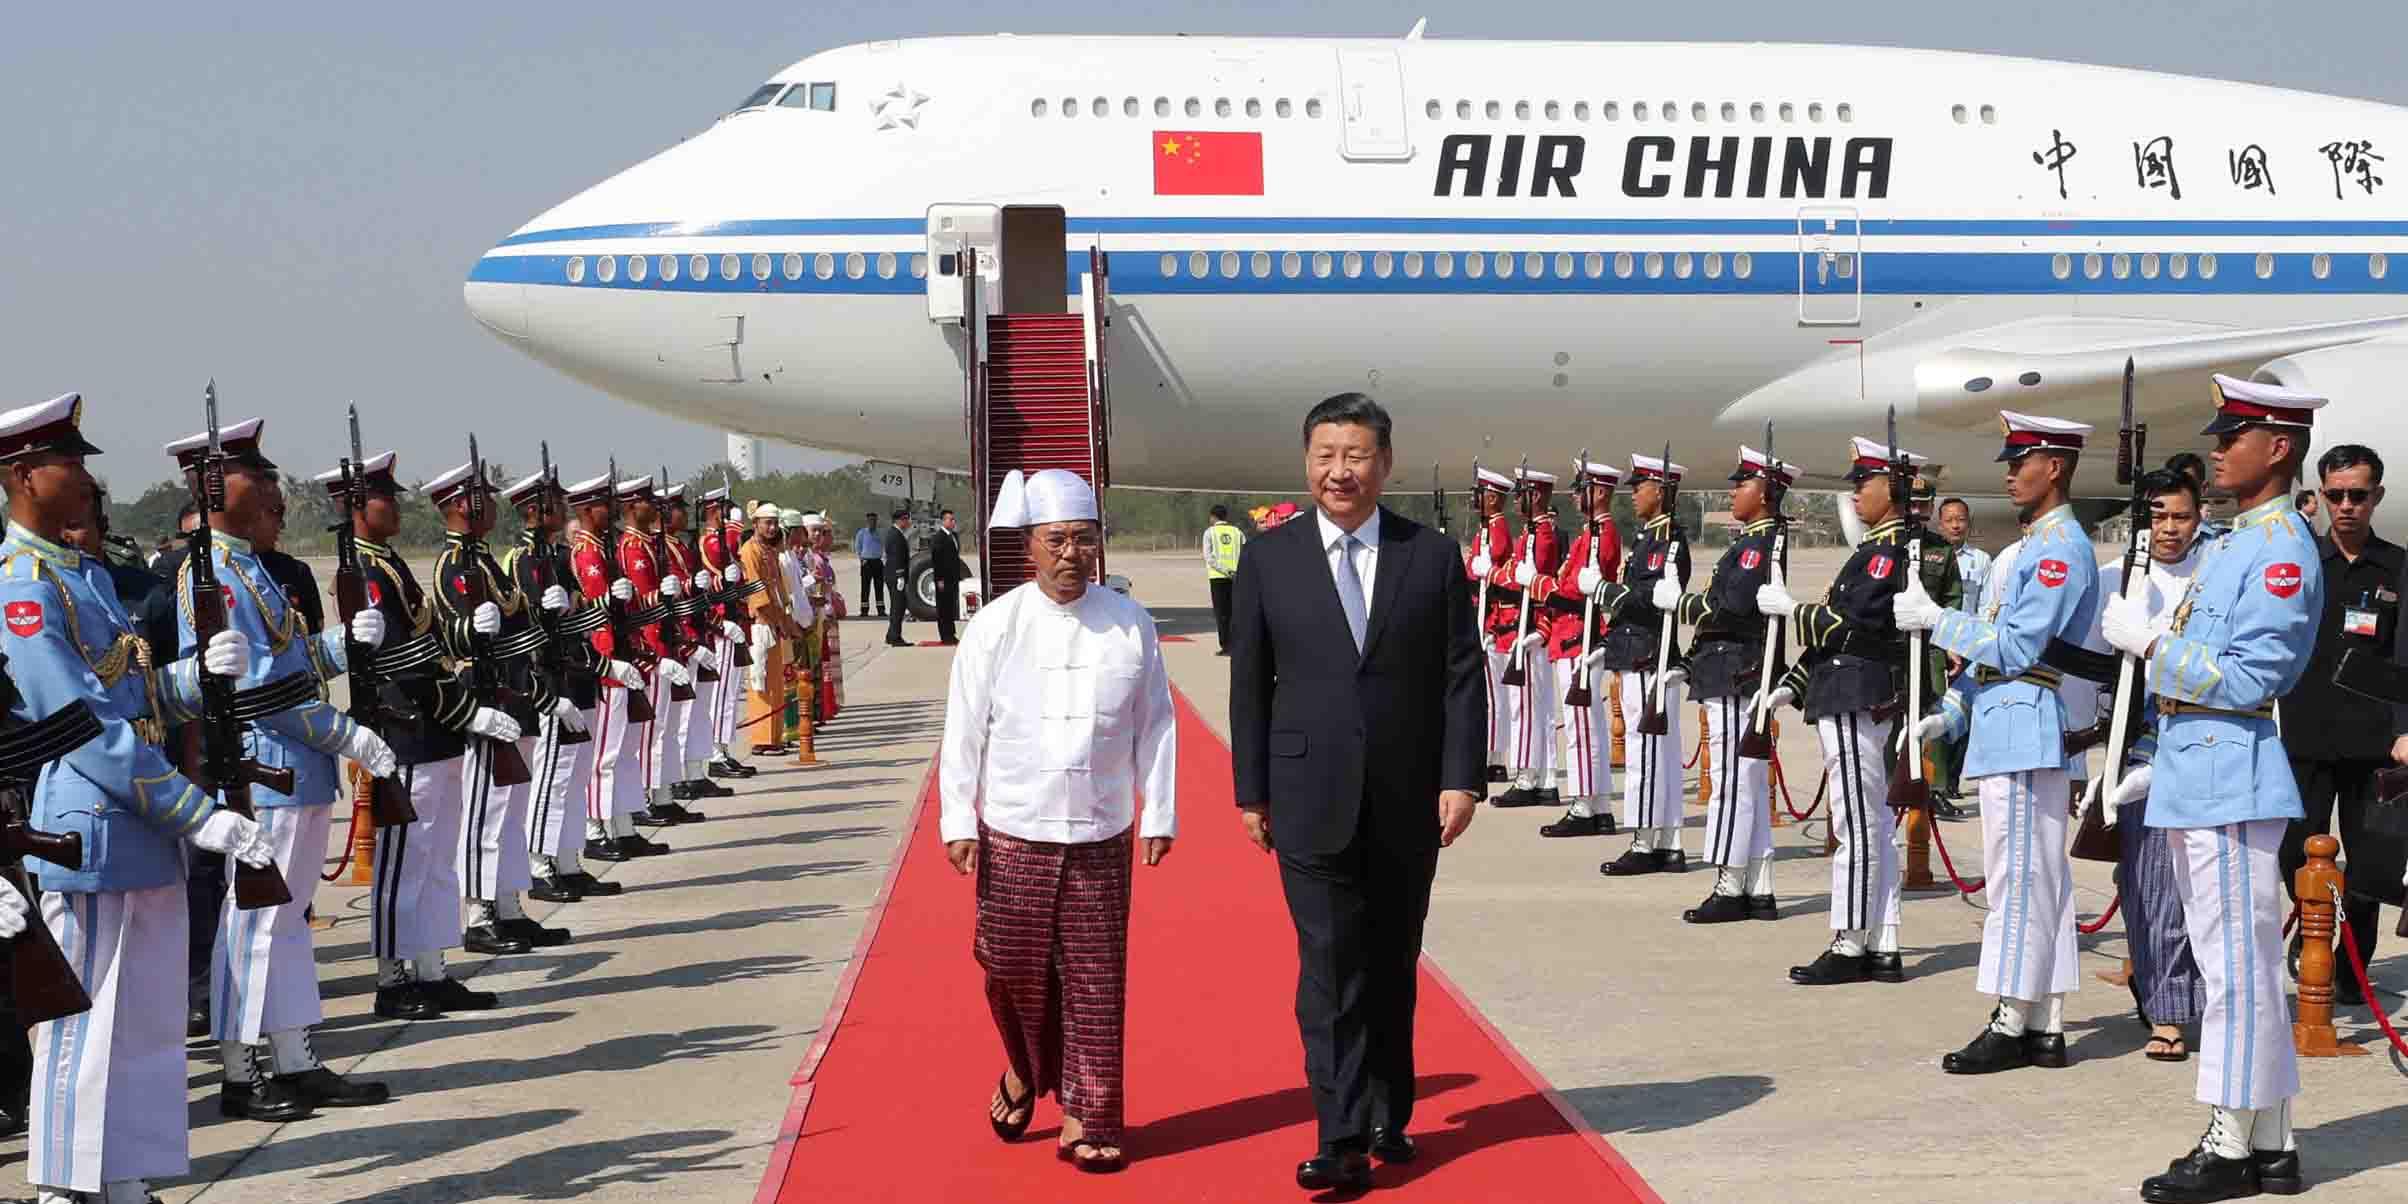 Xi chega a Nay Pyi Taw para visita de Estado a Mianmar